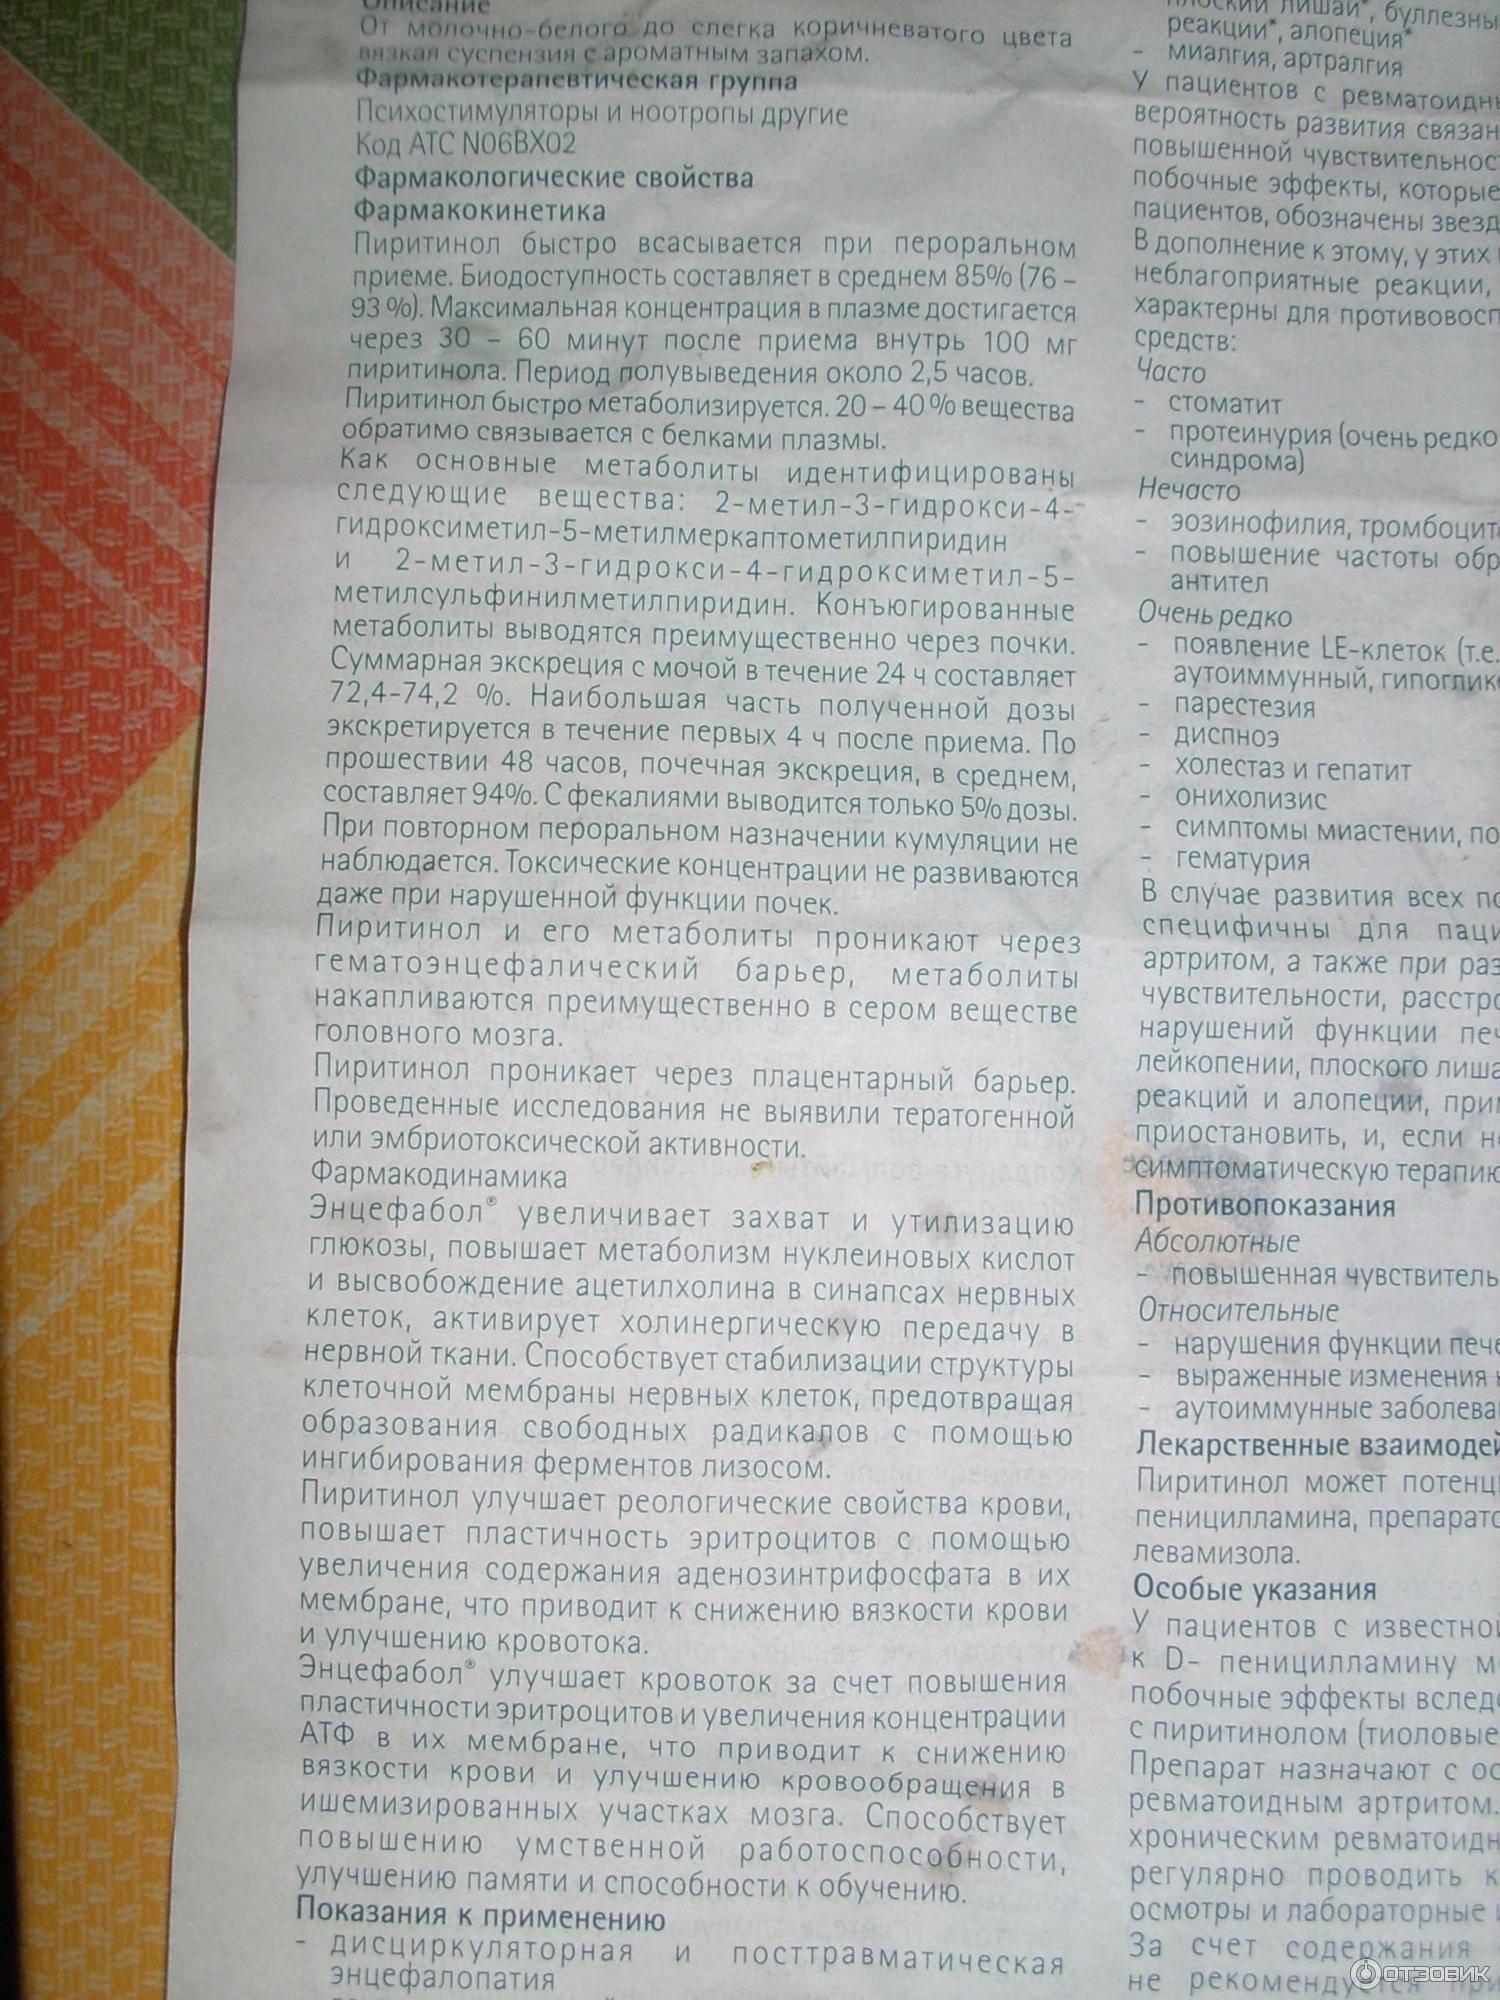 Энцефабол (пиритинол): витамин в6 на максималках